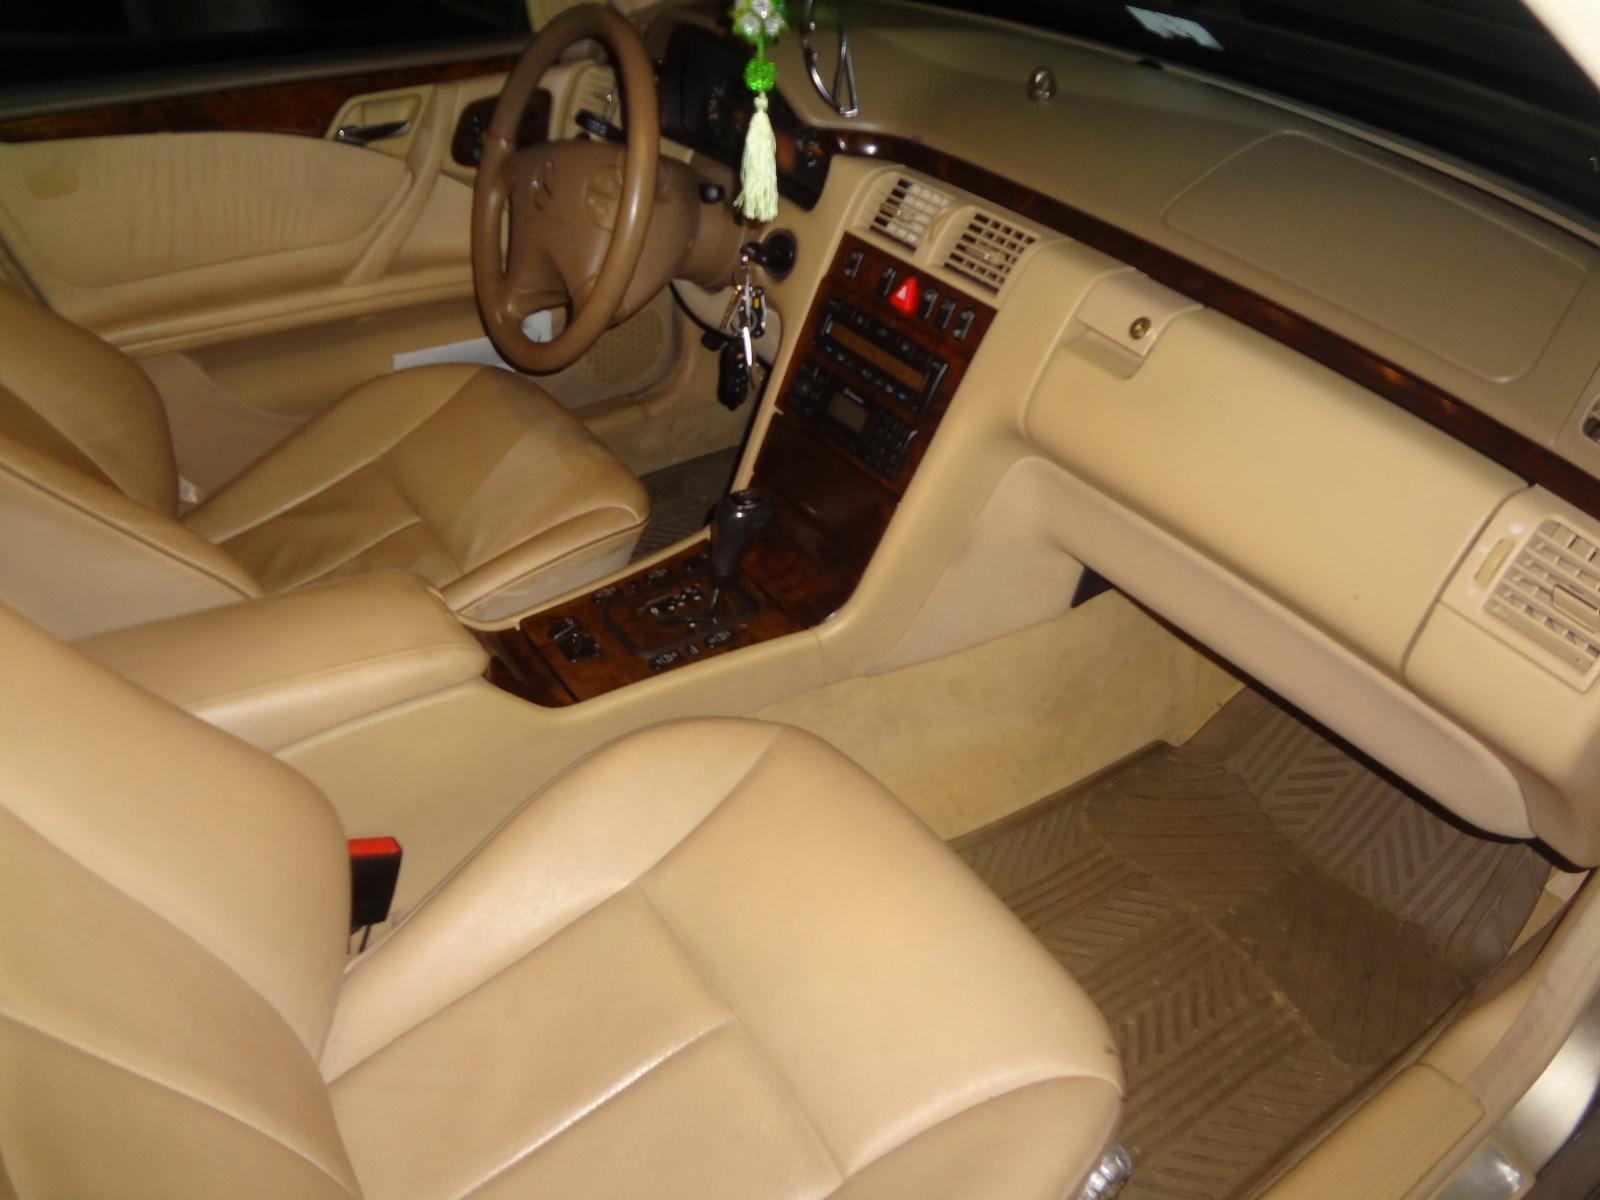 Mercedes Benz E Class E Matic Pic